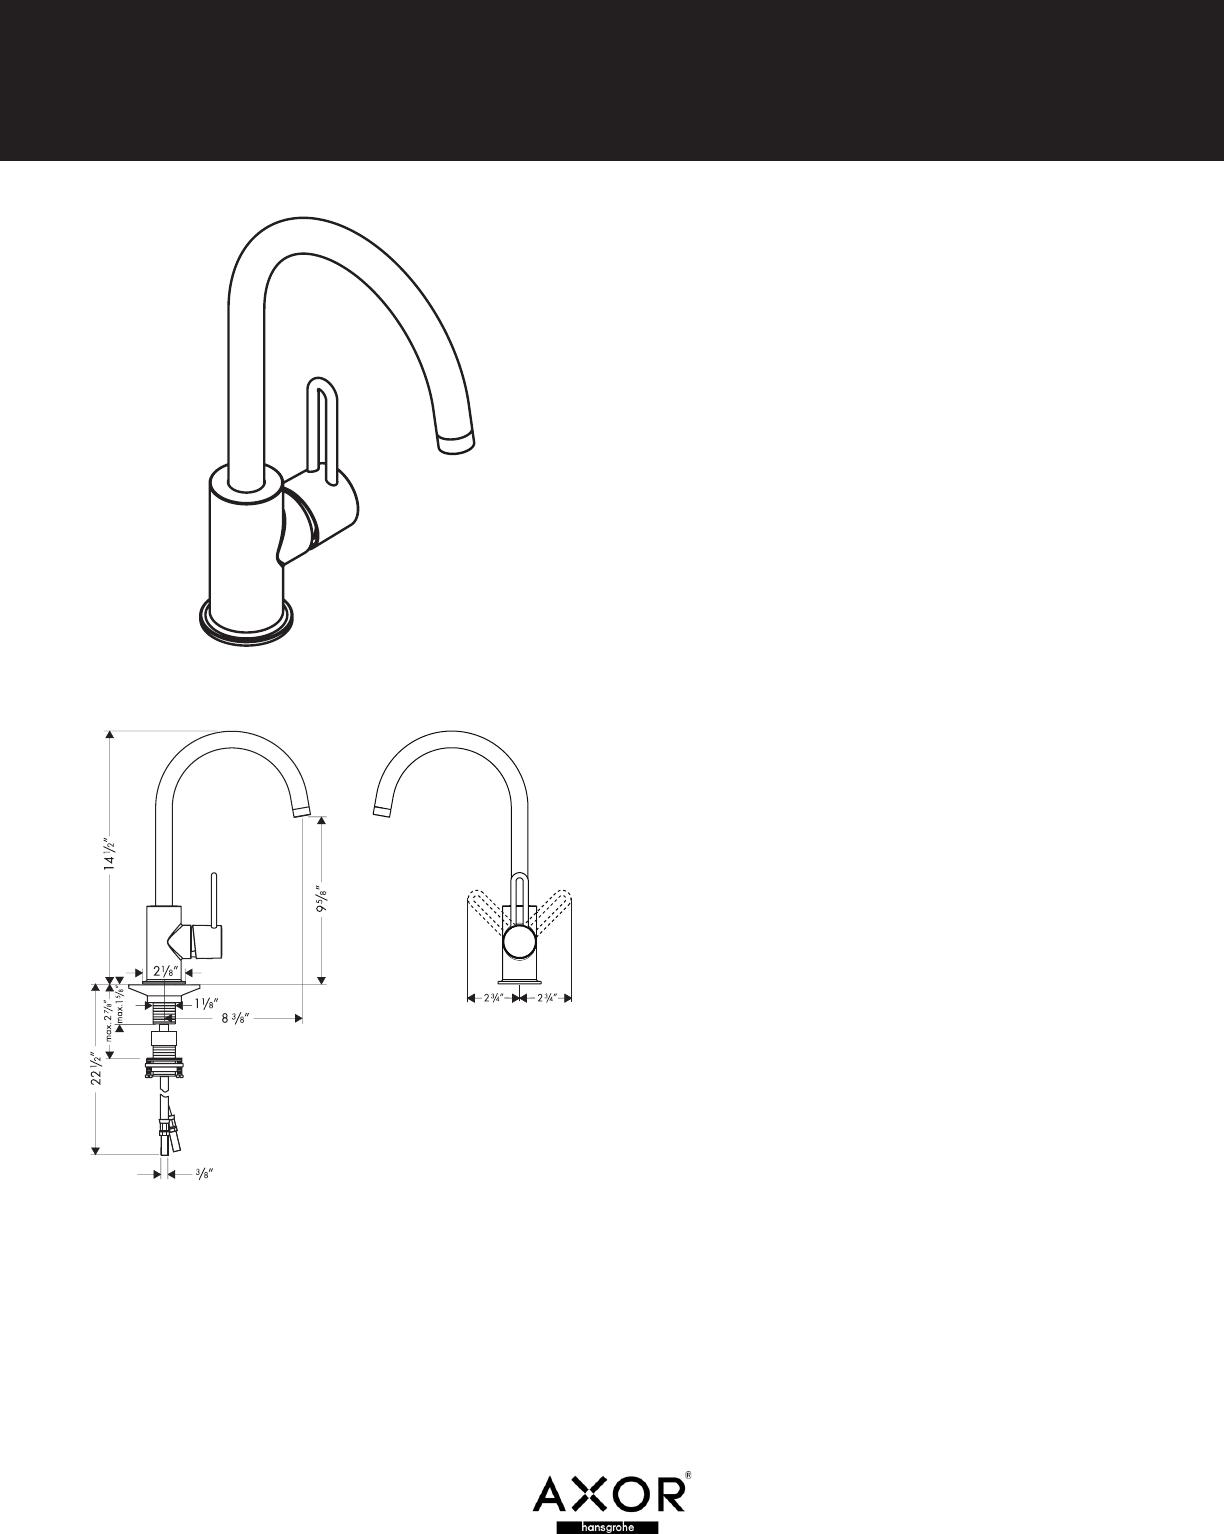 Diy Plumbing Change Am I To Code Manual Guide